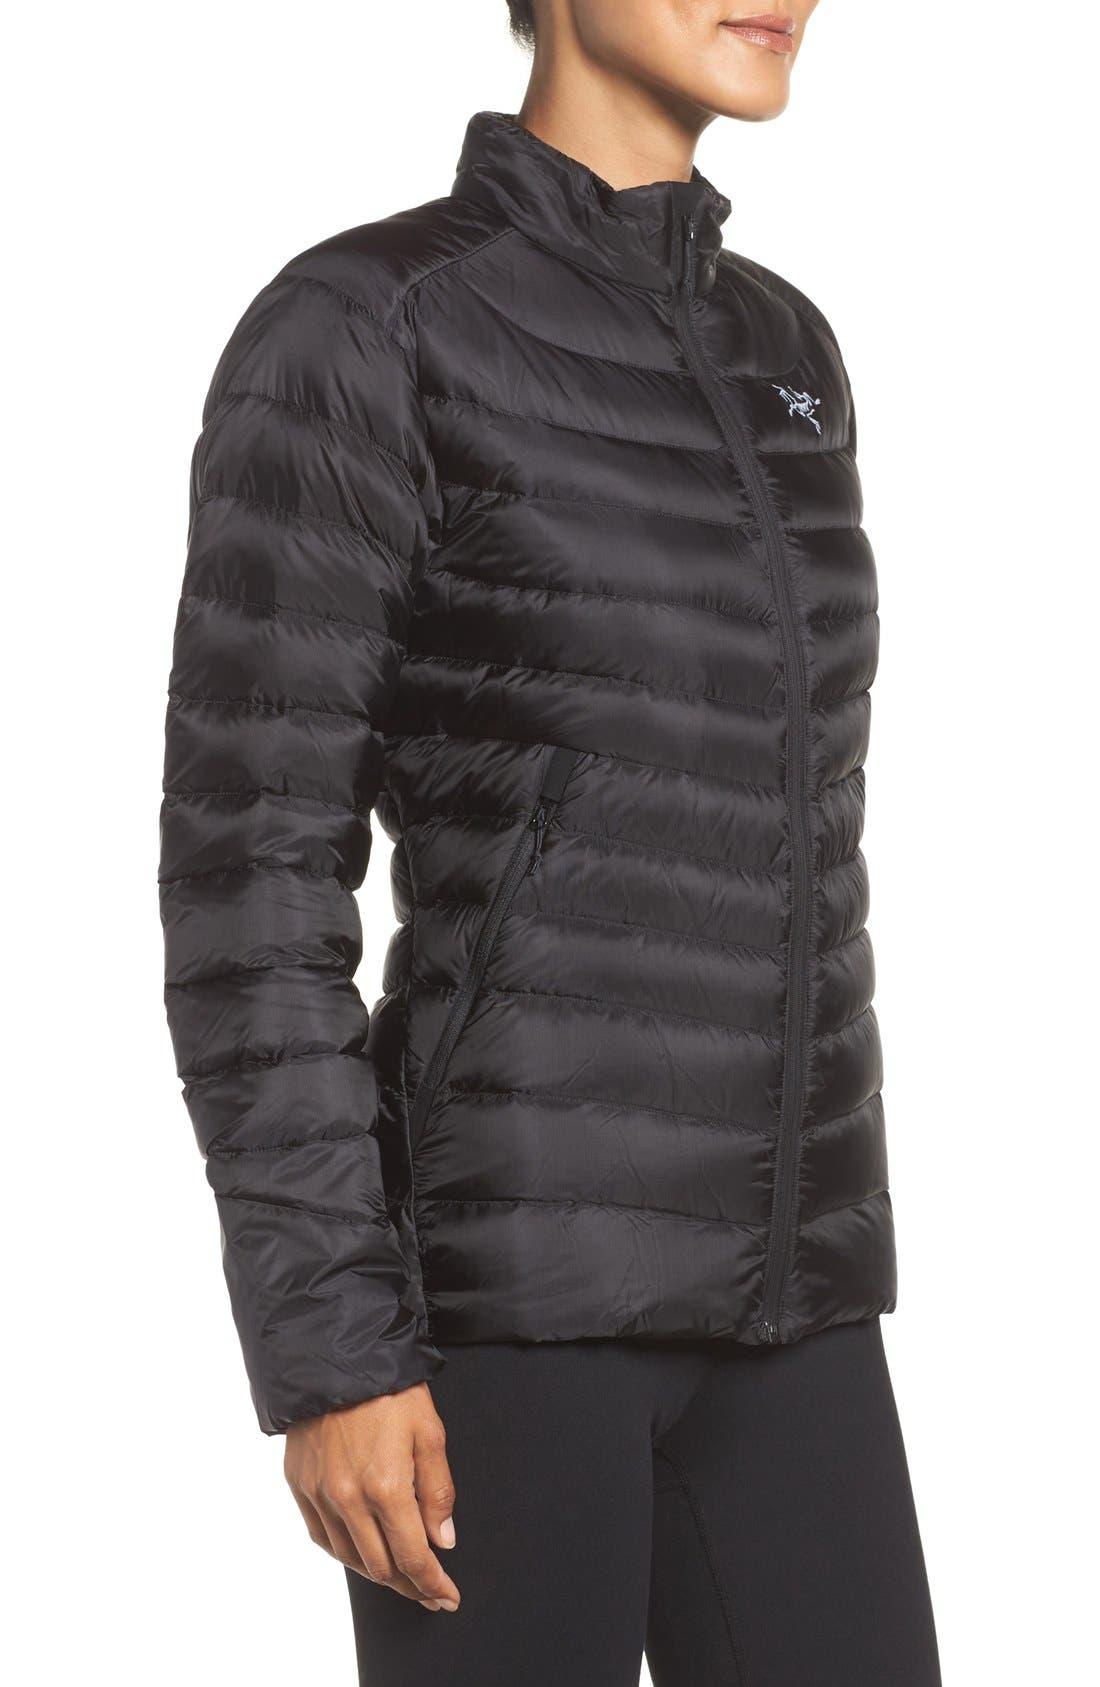 Cerium Water Resistant Down Jacket,                             Alternate thumbnail 3, color,                             Black